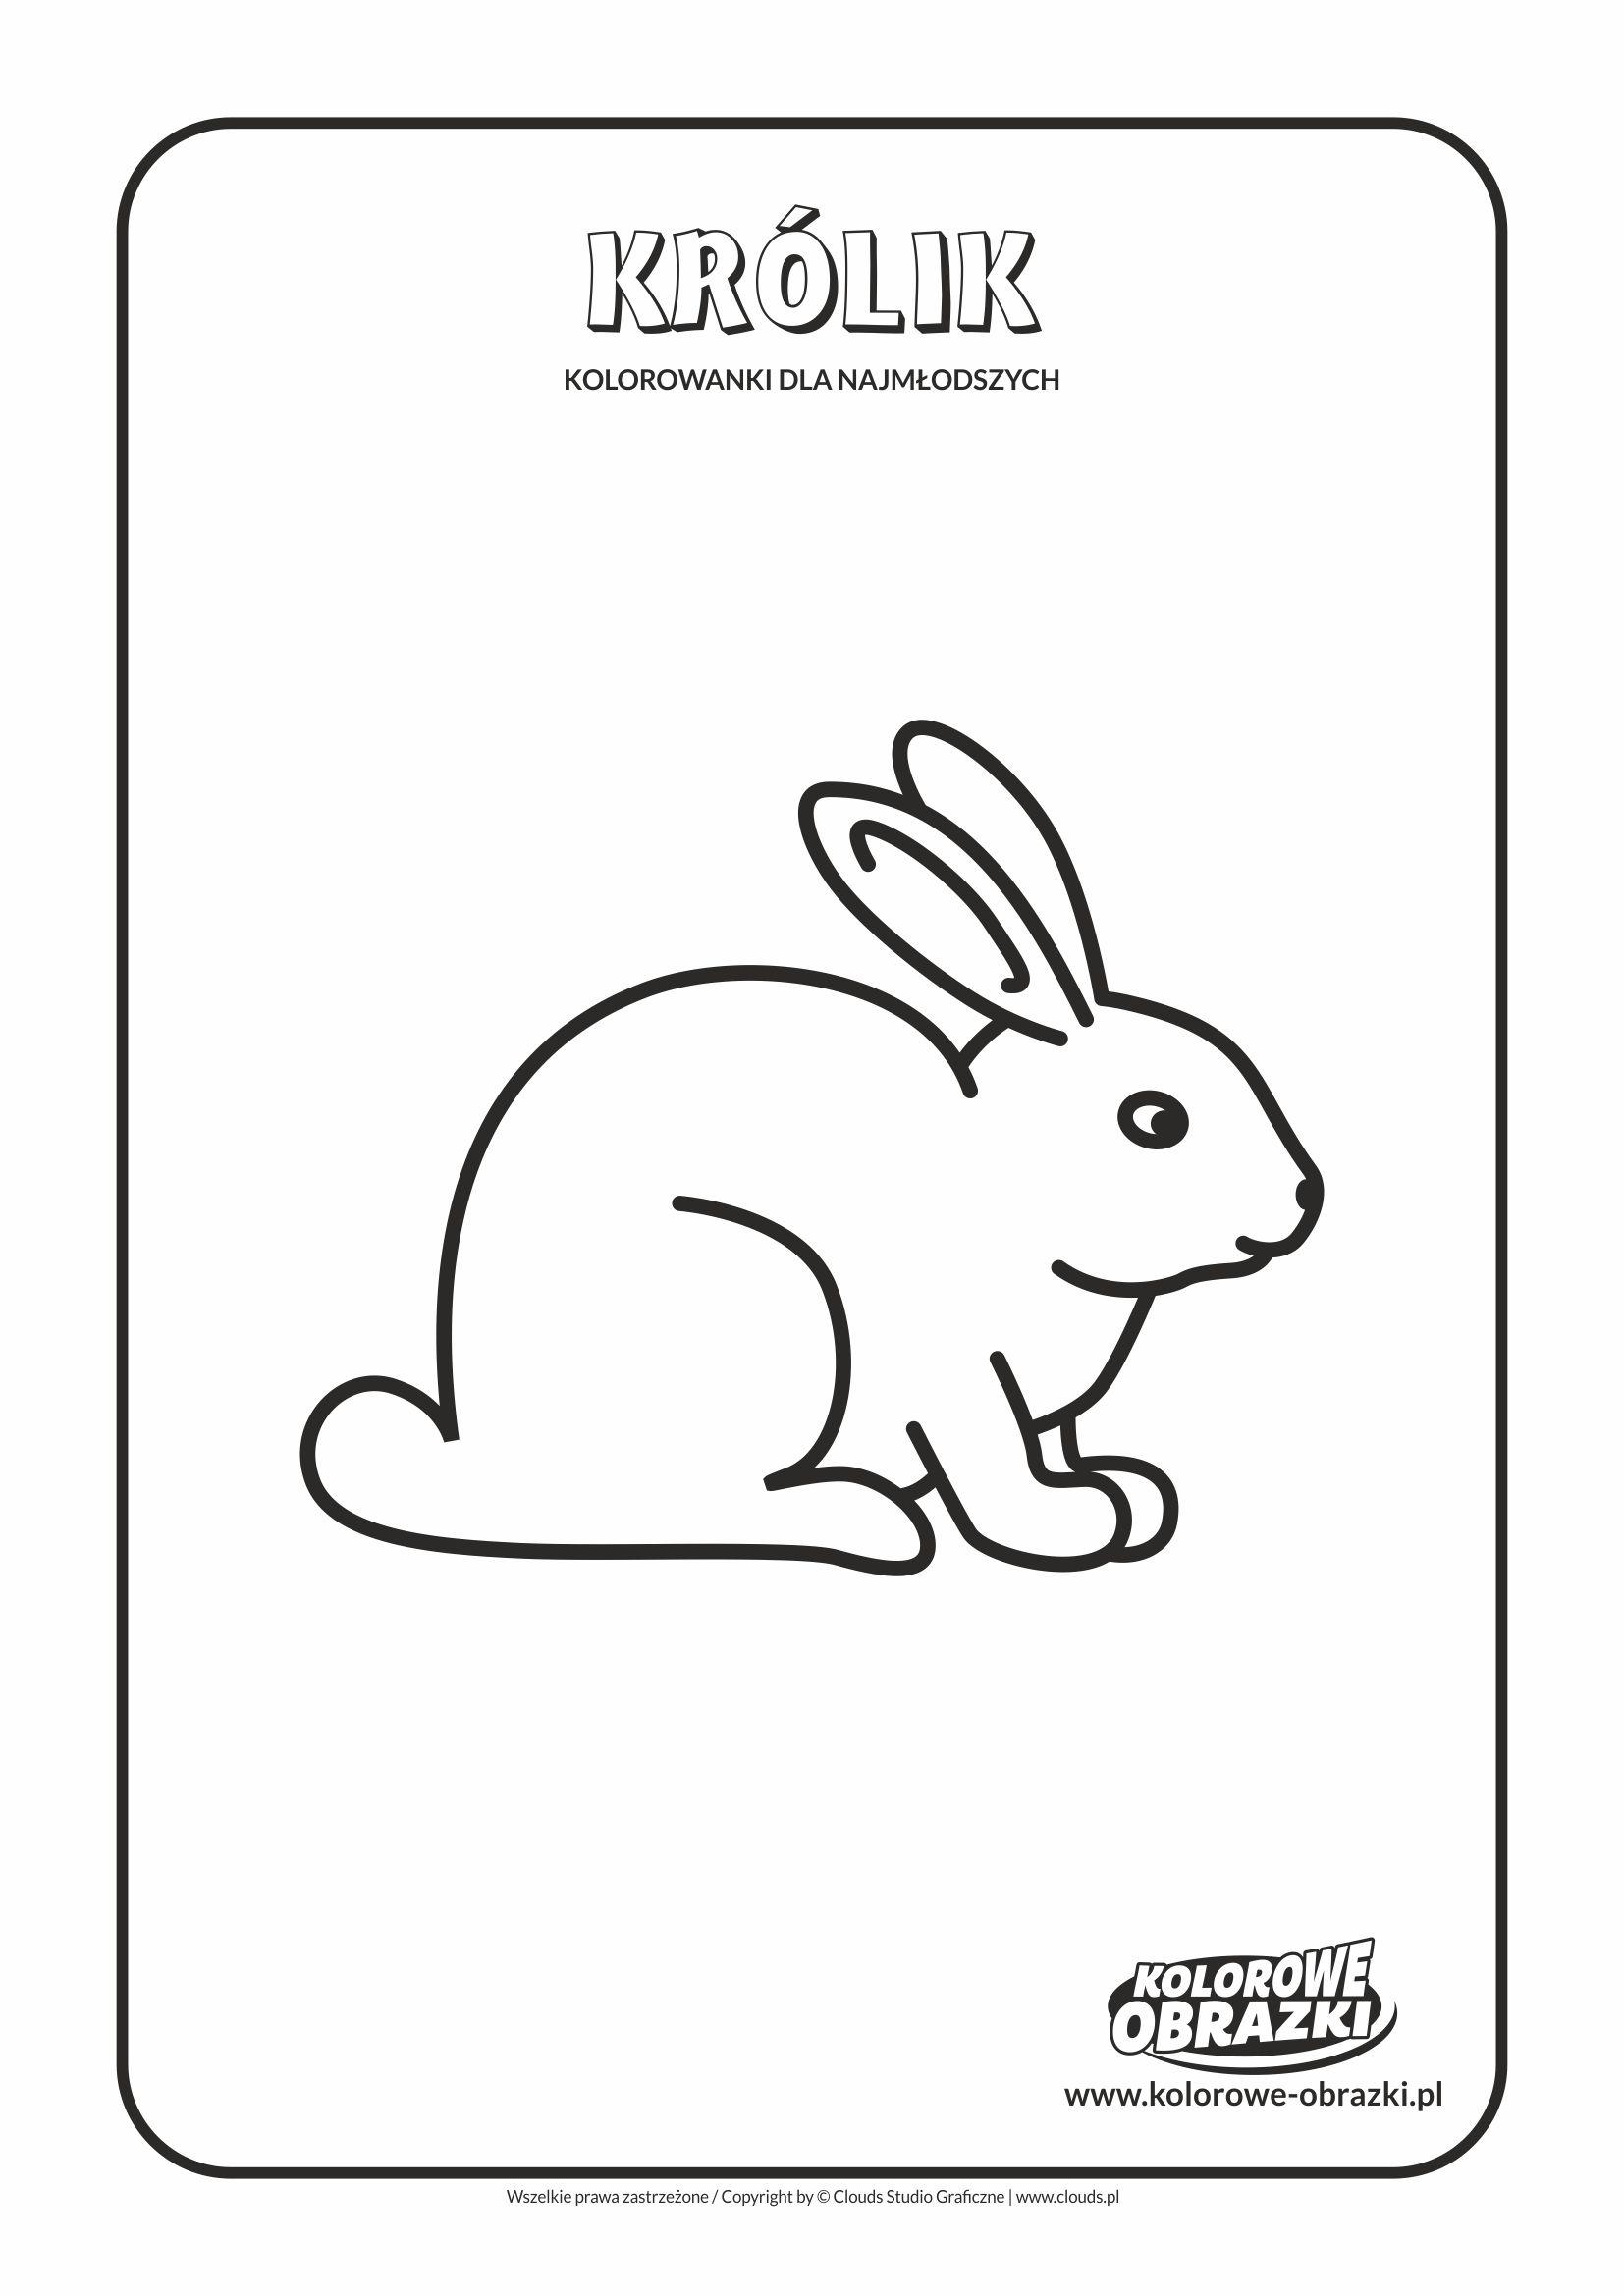 Proste kolorowanki dla najmłodszych - Zwierzęta / Królik. Kolorowanka z królikiem